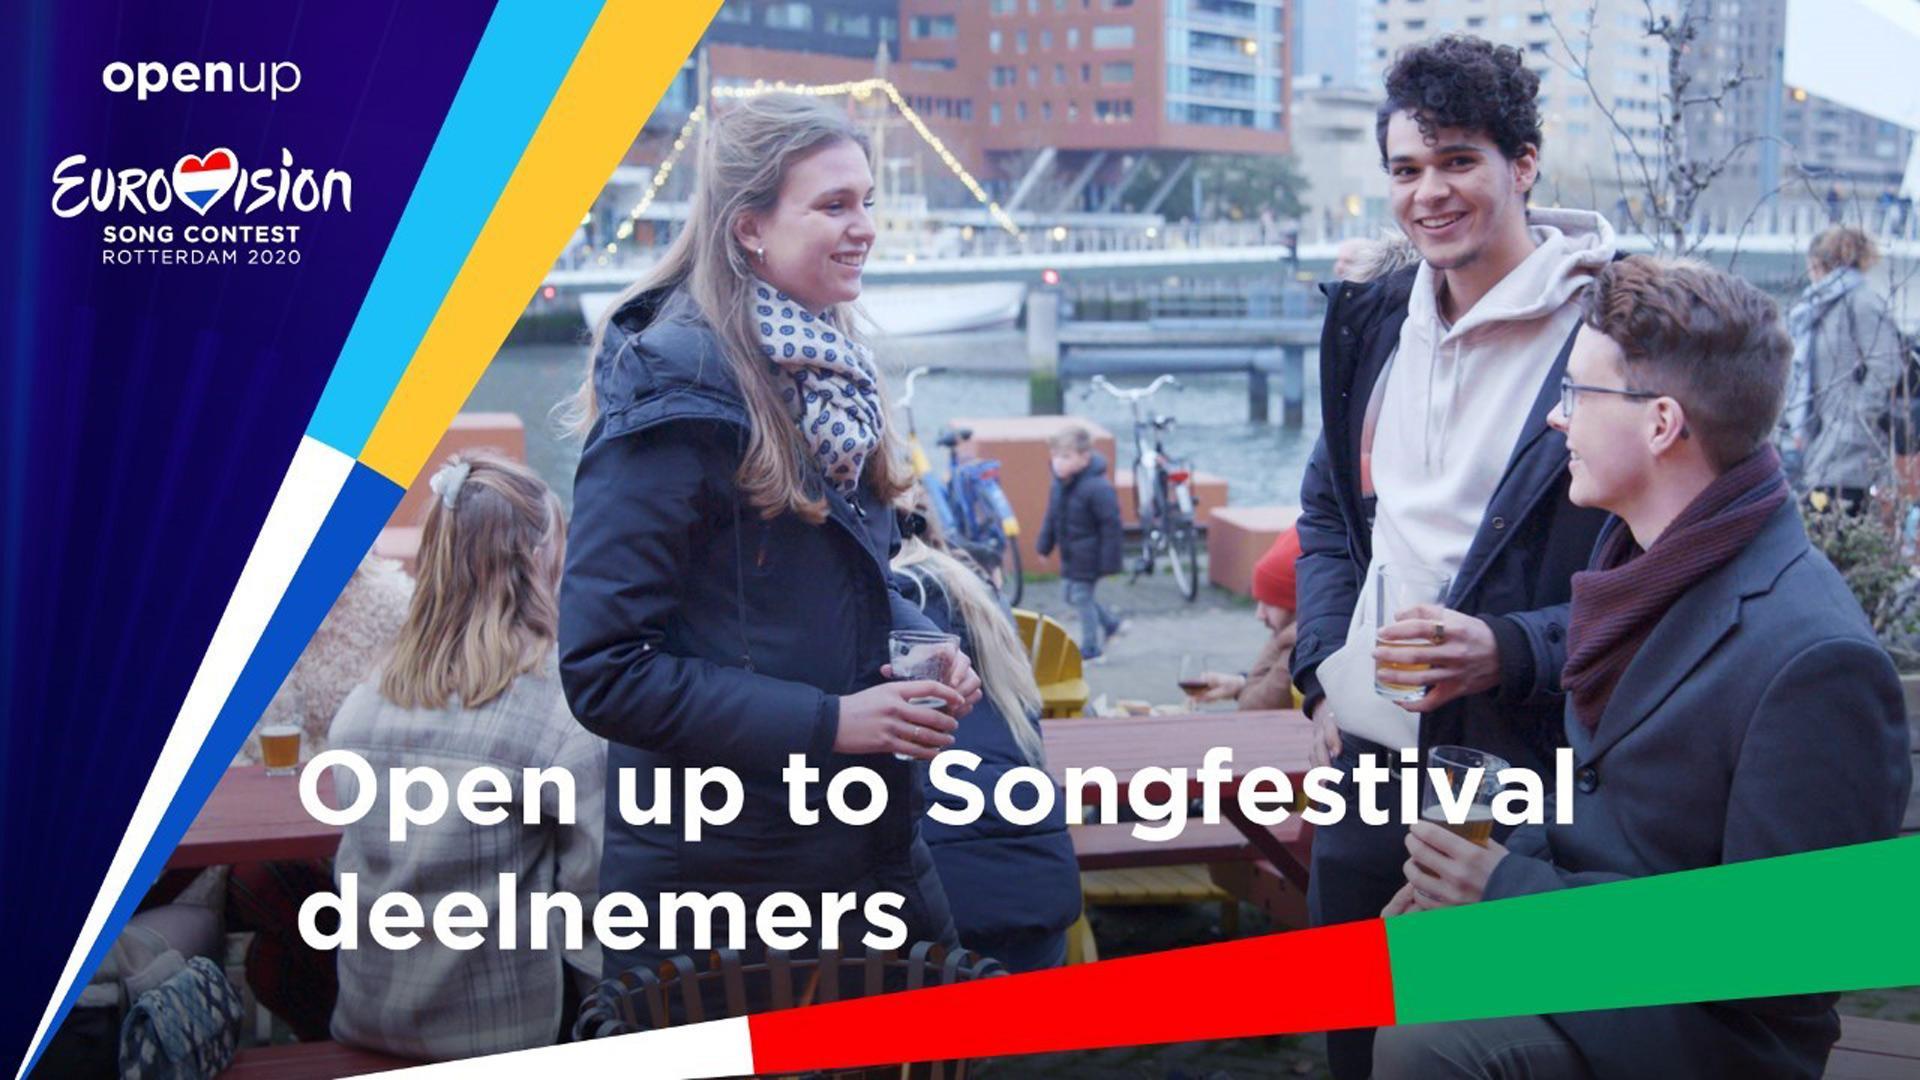 Gezocht: Groepen, straten en verenigingen om songfestivaldeelnemers te verwelkomen